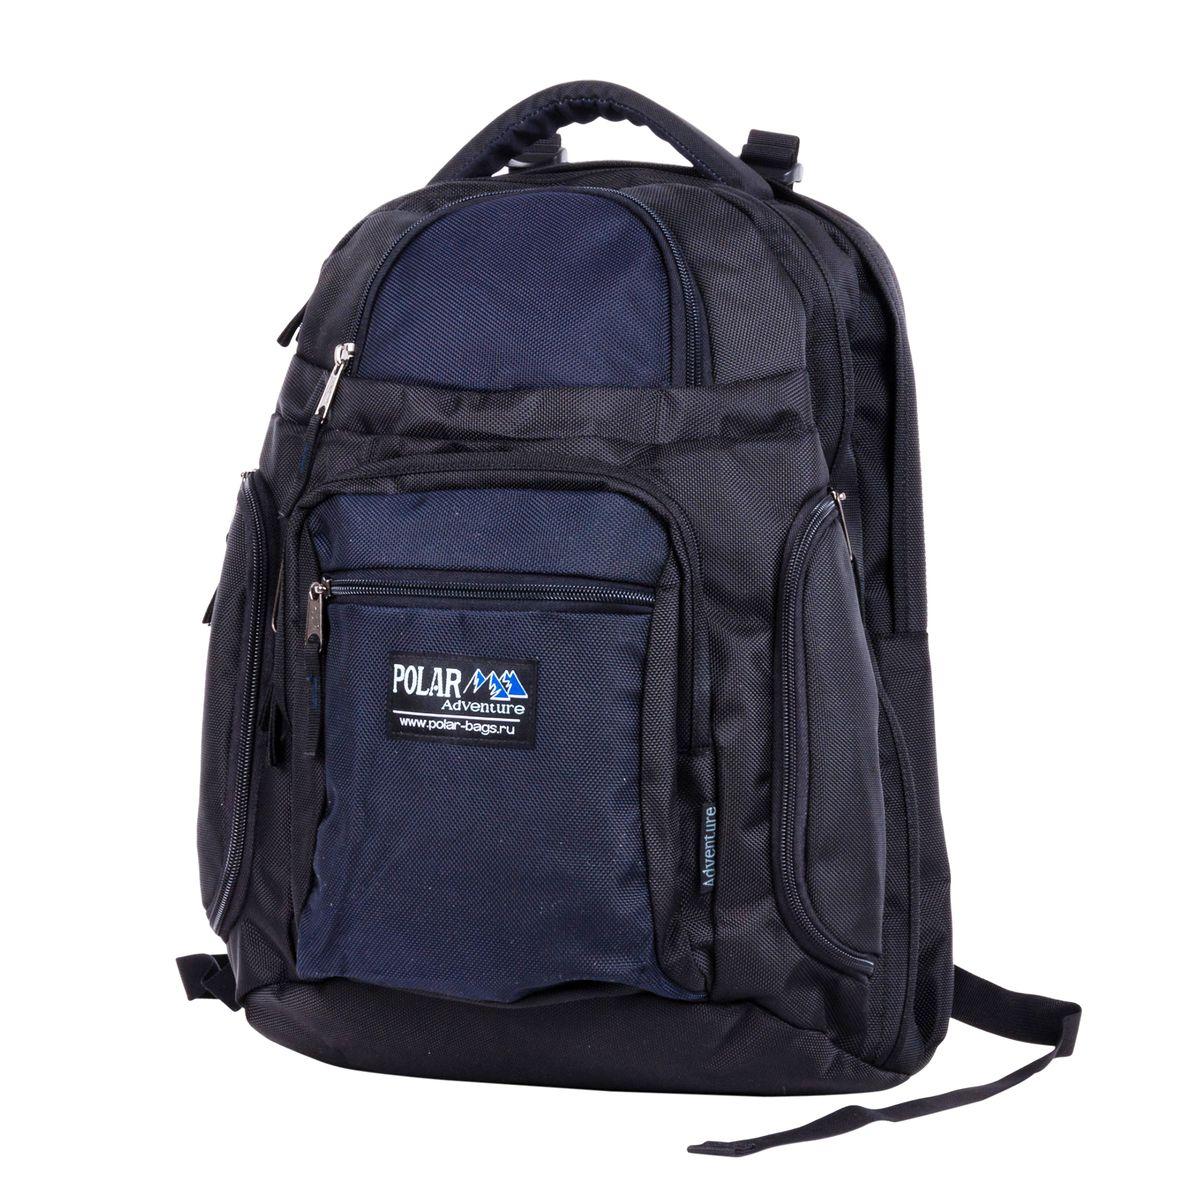 Рюкзак городской Polar, 35,5 л, цвет: синий. П1063-04П1063-04Материал – высокопрочный полиэстер с водоотталкивающей пропиткой. Недорогой рюкзак для Вашего ноутбука. Жесткая спинка с вертикальными вставками из пены и трикотажной сетки для лучшей циркуляции воздуха, удобные лямки с дополнительной поясничной стяжкой, уменьшат нагрузку на спину и сделают рюкзак очень удобным и комфортным при эксплуатации. Отделение для ноутбука с дополнительными карманами для всего самого необходимого (зарядное устройство, мышка) + отделение для рабочих документов формата А4, папок или ваших вещей. Два боковых кармана на молнии. Вместительный карман с органайзером и карабином для ключей. Два кармана на молнии для мелких предметов. Вместительный и очень удобный рюкзак позволит вам взять с собой все необходимое как для вашего портативного компьютера, так и для себя. Материал: Cordura PU 1000D.